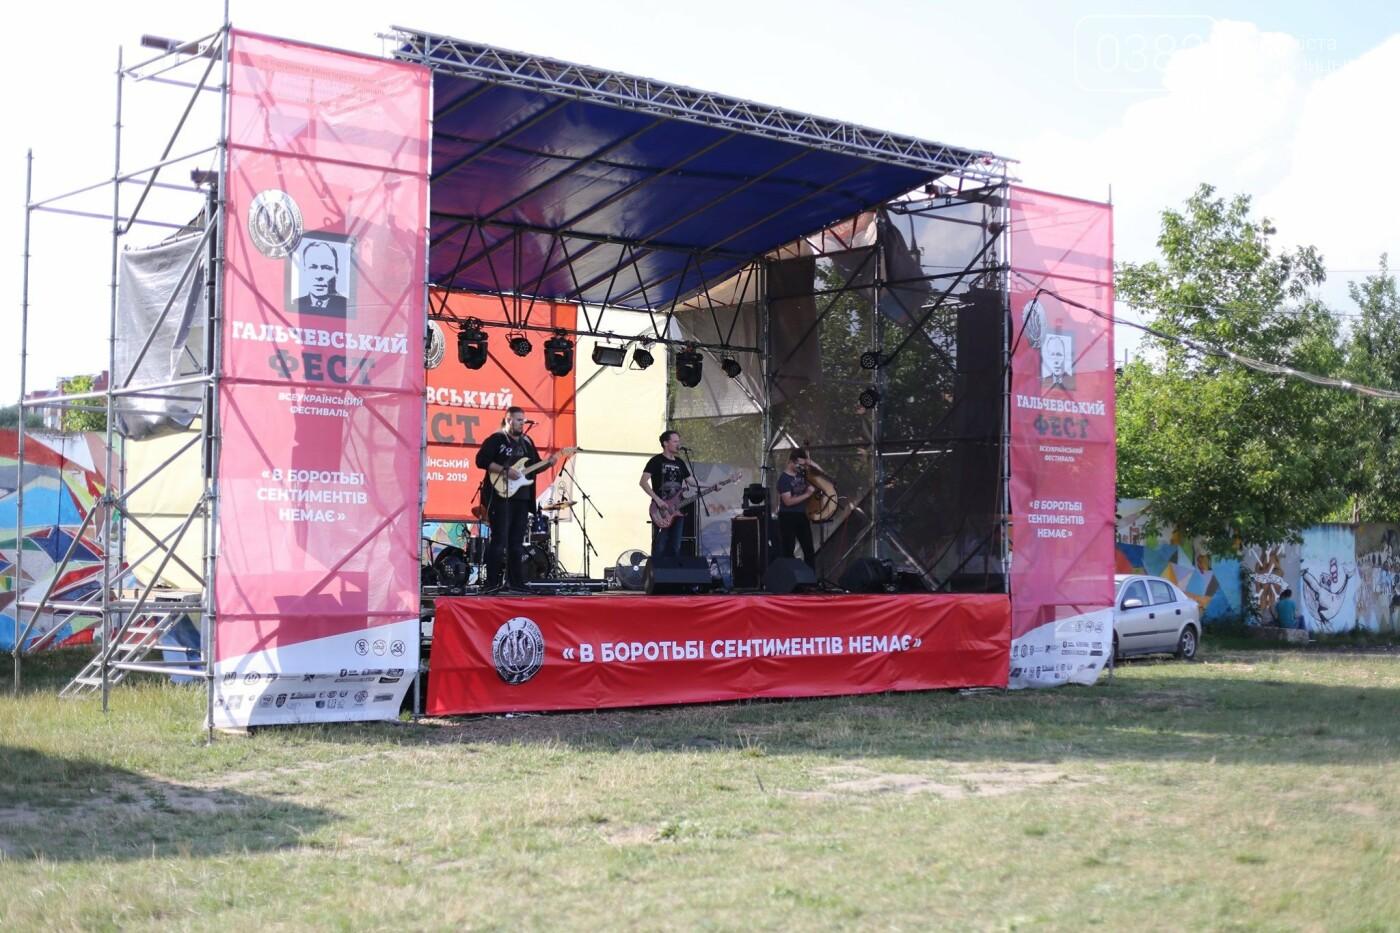 Патріотично-музичний фестиваль «Гальчевський-фест» вкотре пройшов у Хмельницькому, фото-3